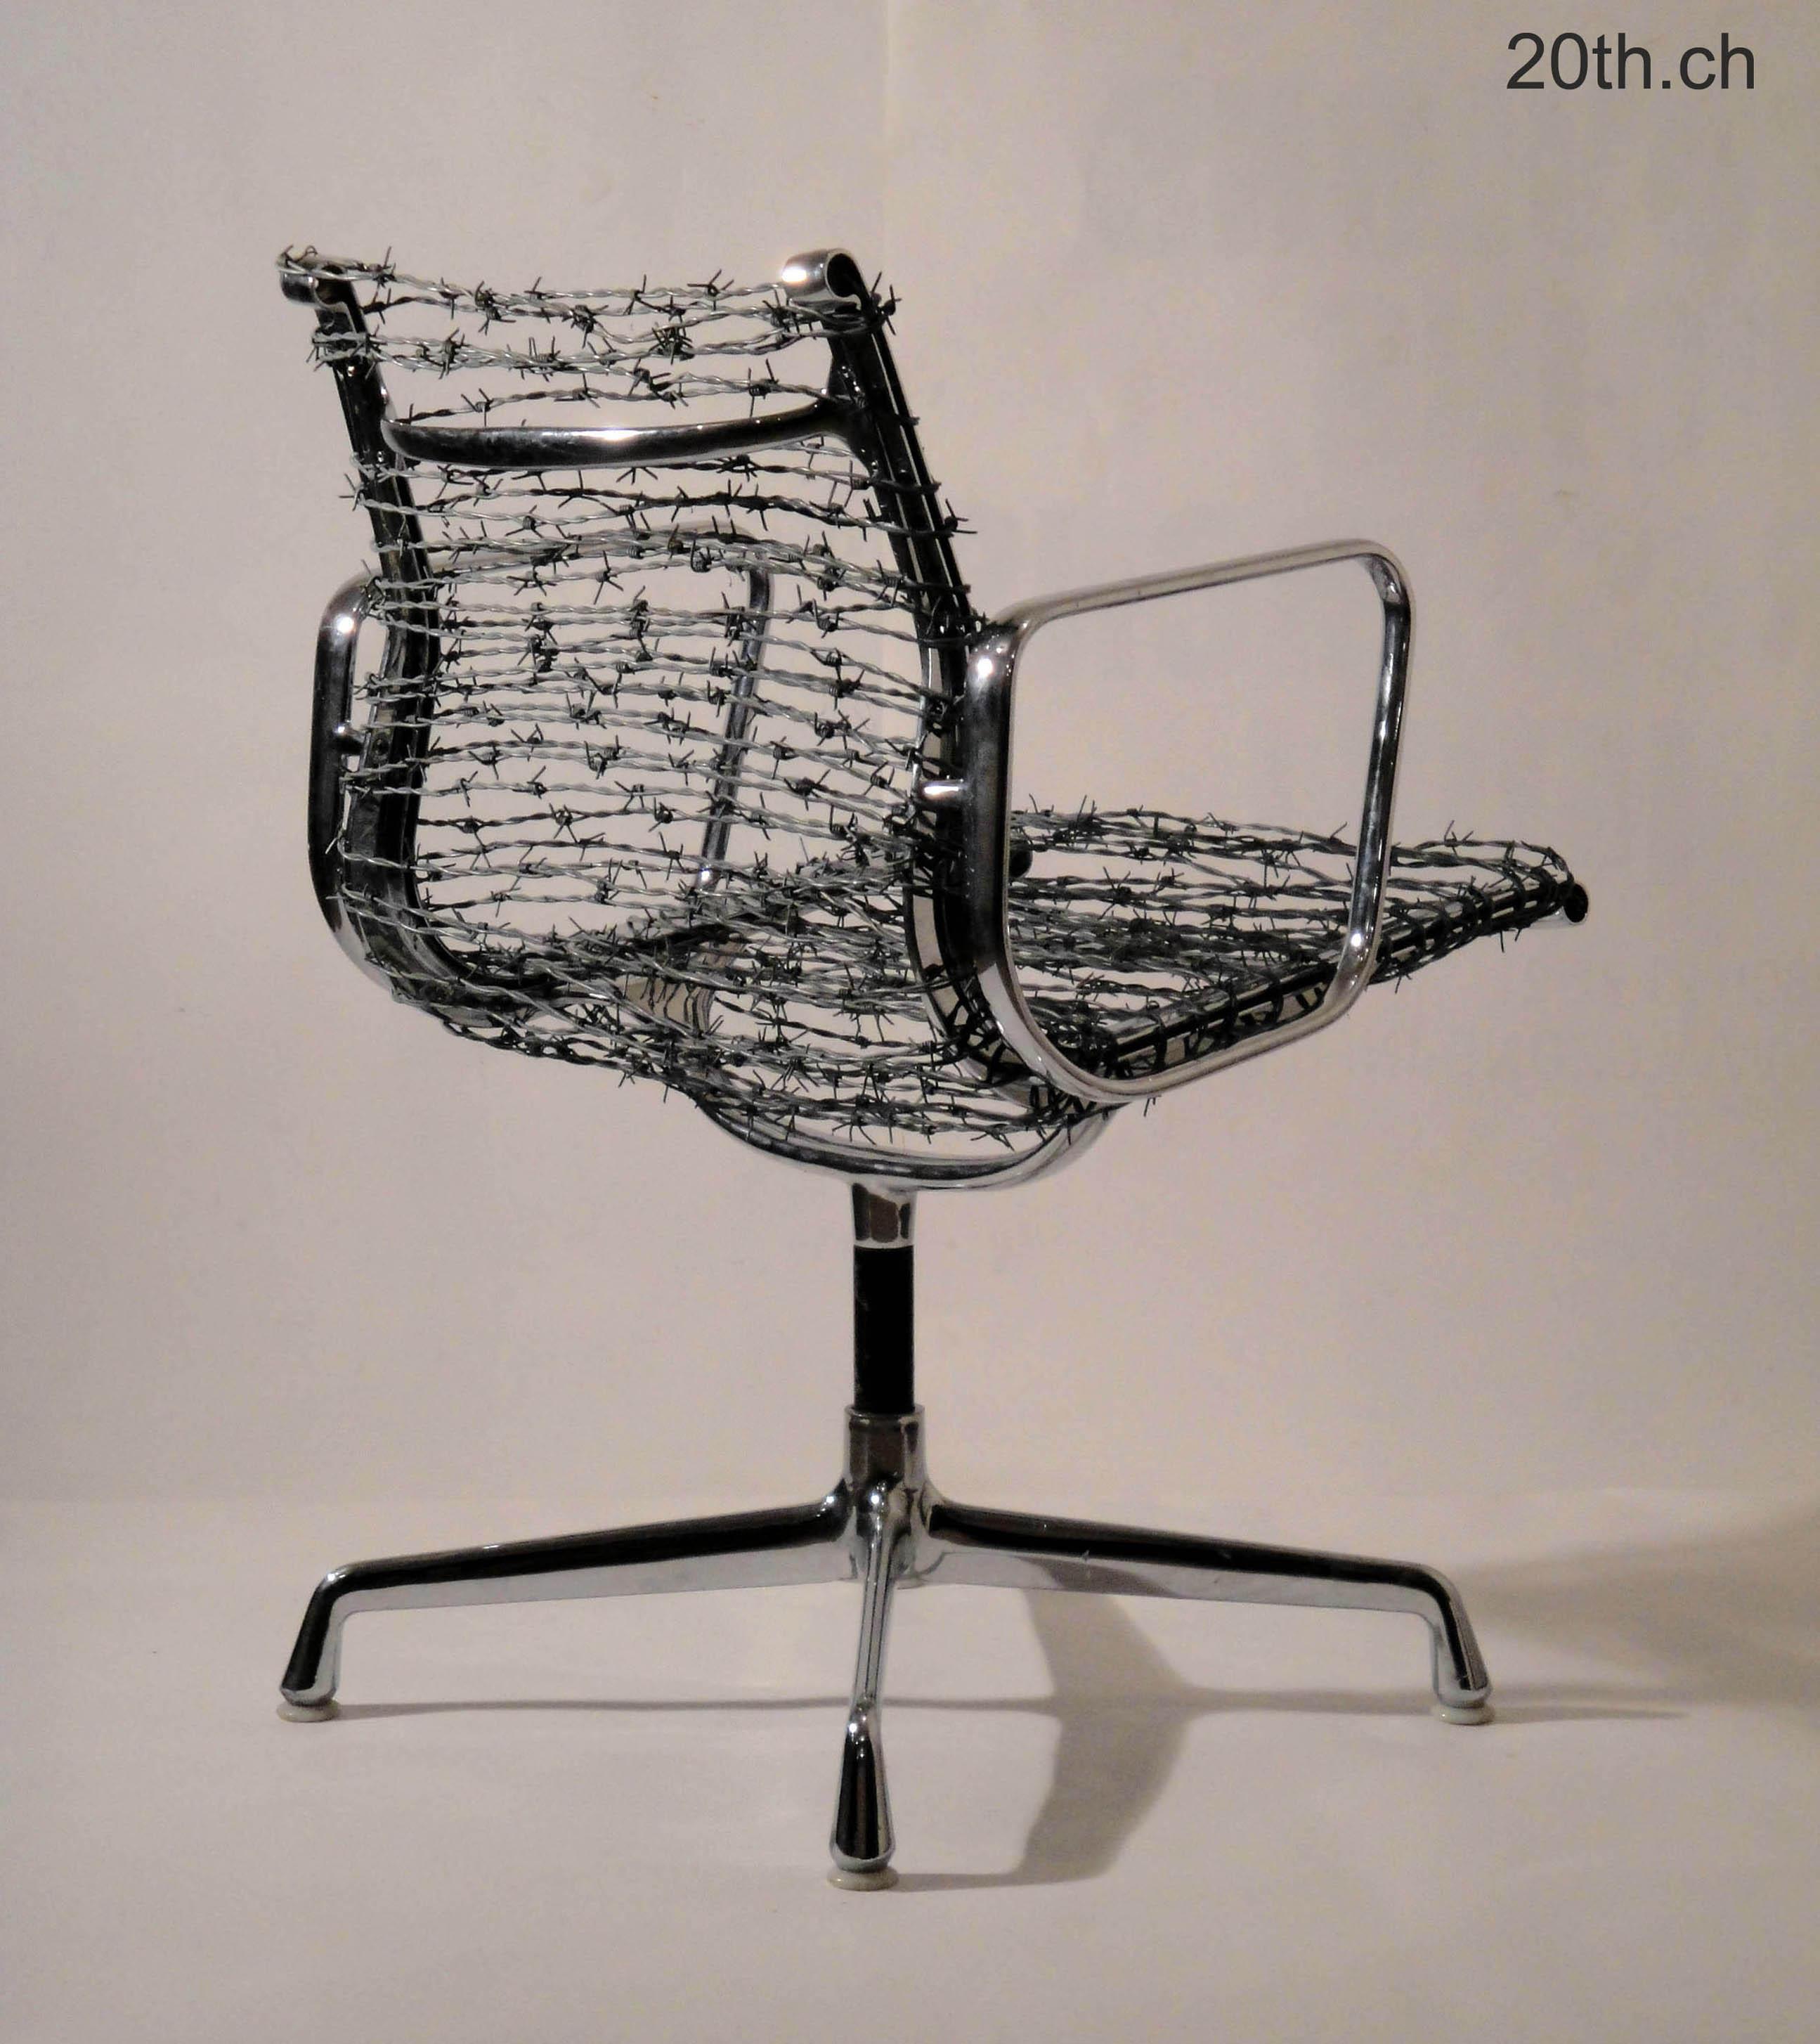 Johan schul artiste conceptuel non align for Art minimal et conceptuel